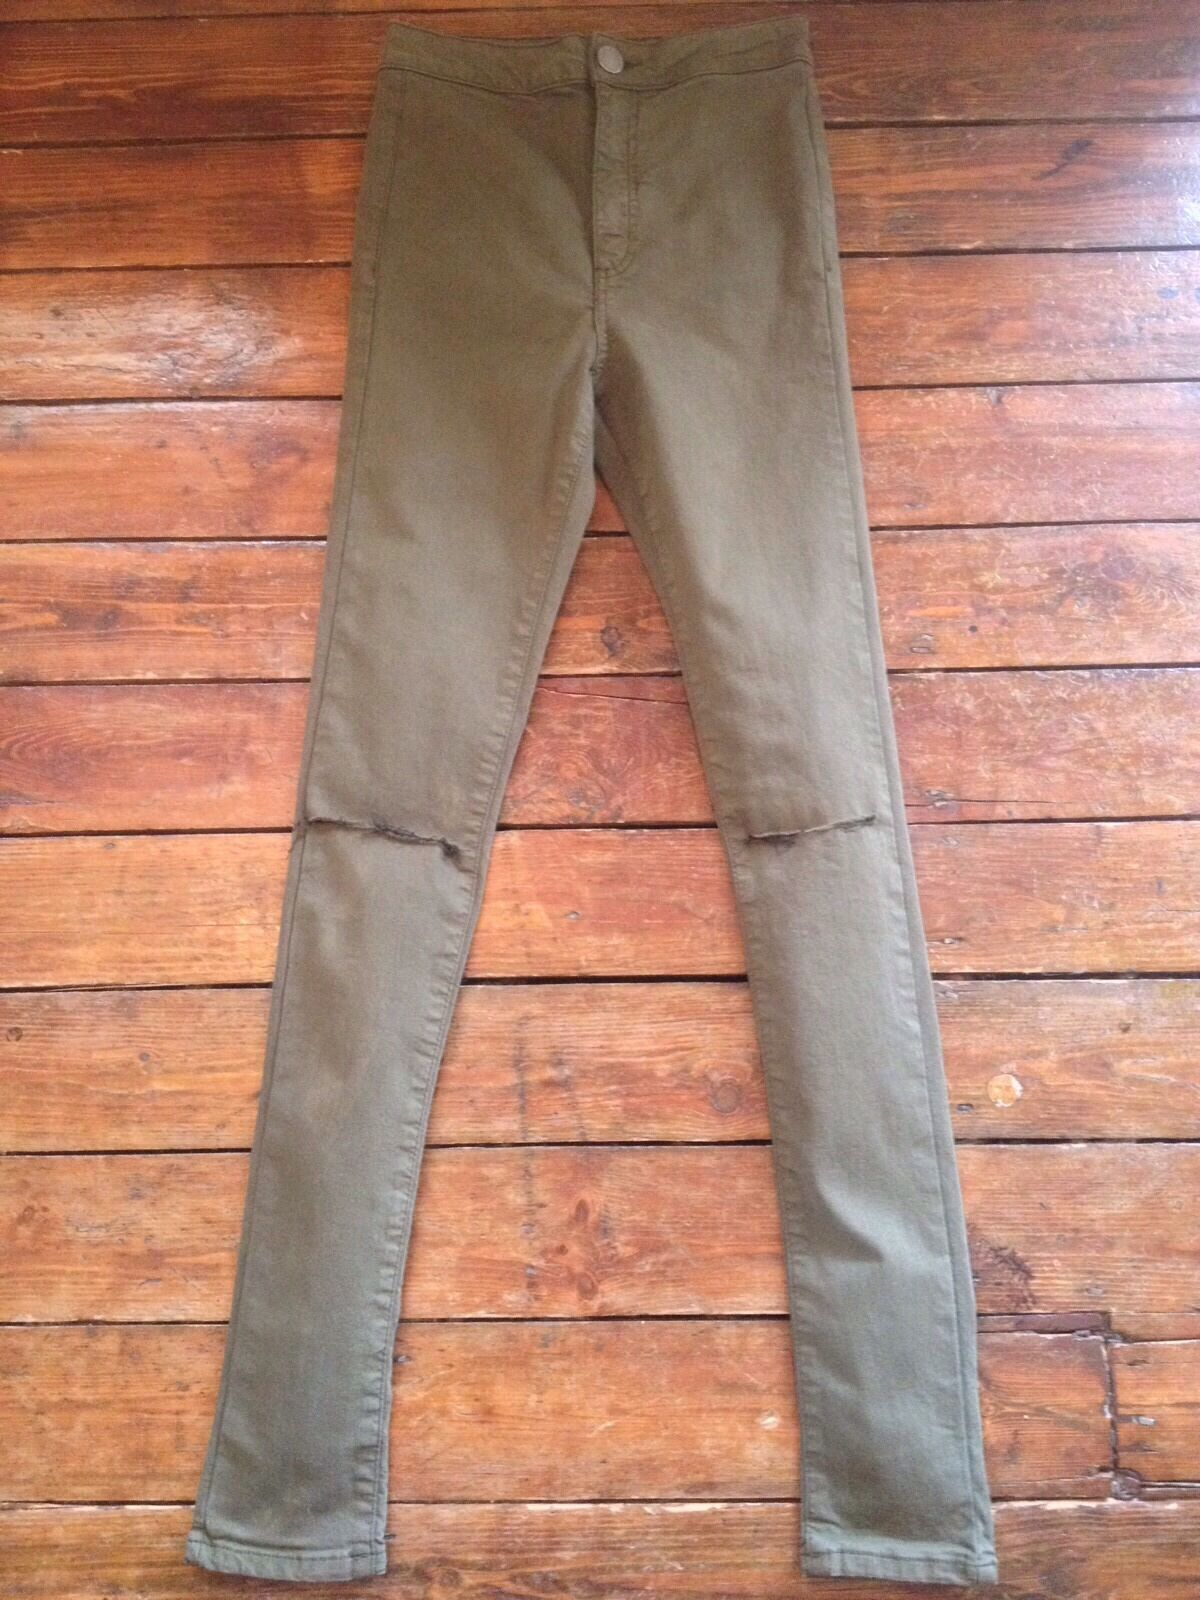 Miss Selfridge Steffi Khaki Ripped Super High Waist Jeans Jeans Jeans New  Sz 14 R Nn16 | Sofortige Lieferung  | Sehr gute Farbe  | Das hochwertigste Material  | Zuverlässige Leistung  | Verschiedene Arten Und Die Styles  9a5842